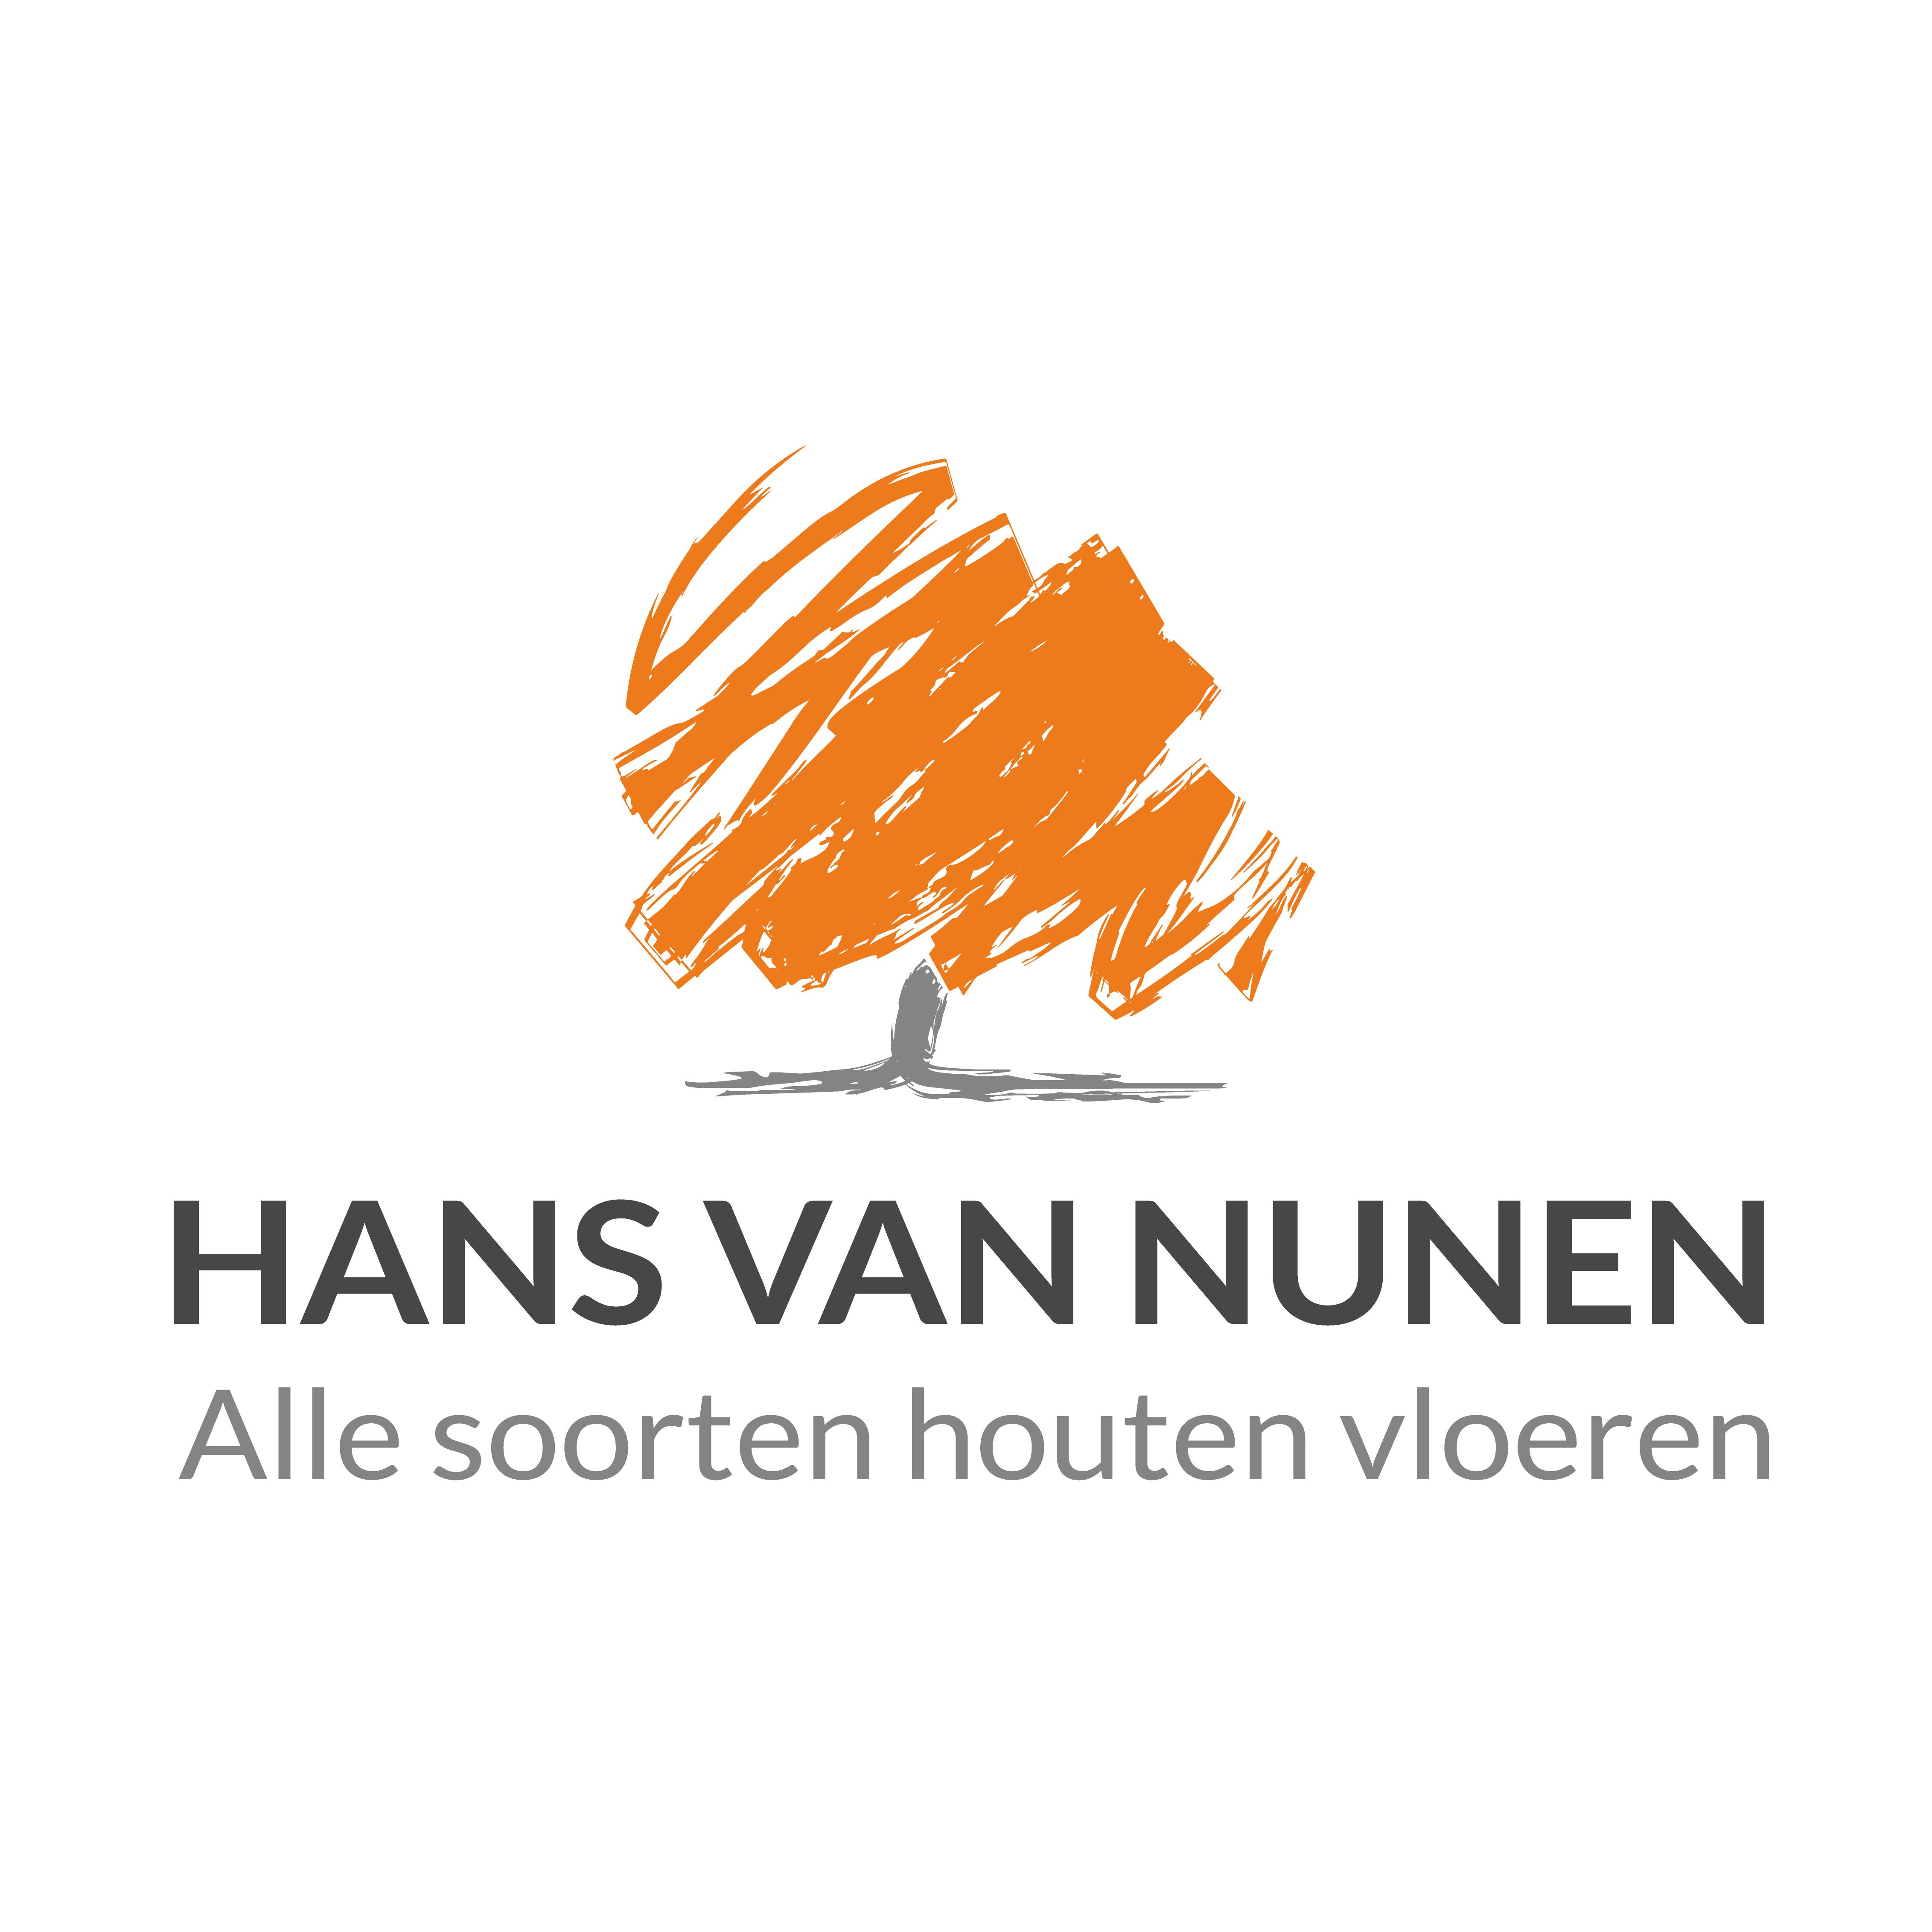 Hans van Nunen Houten en Parket Vloeren